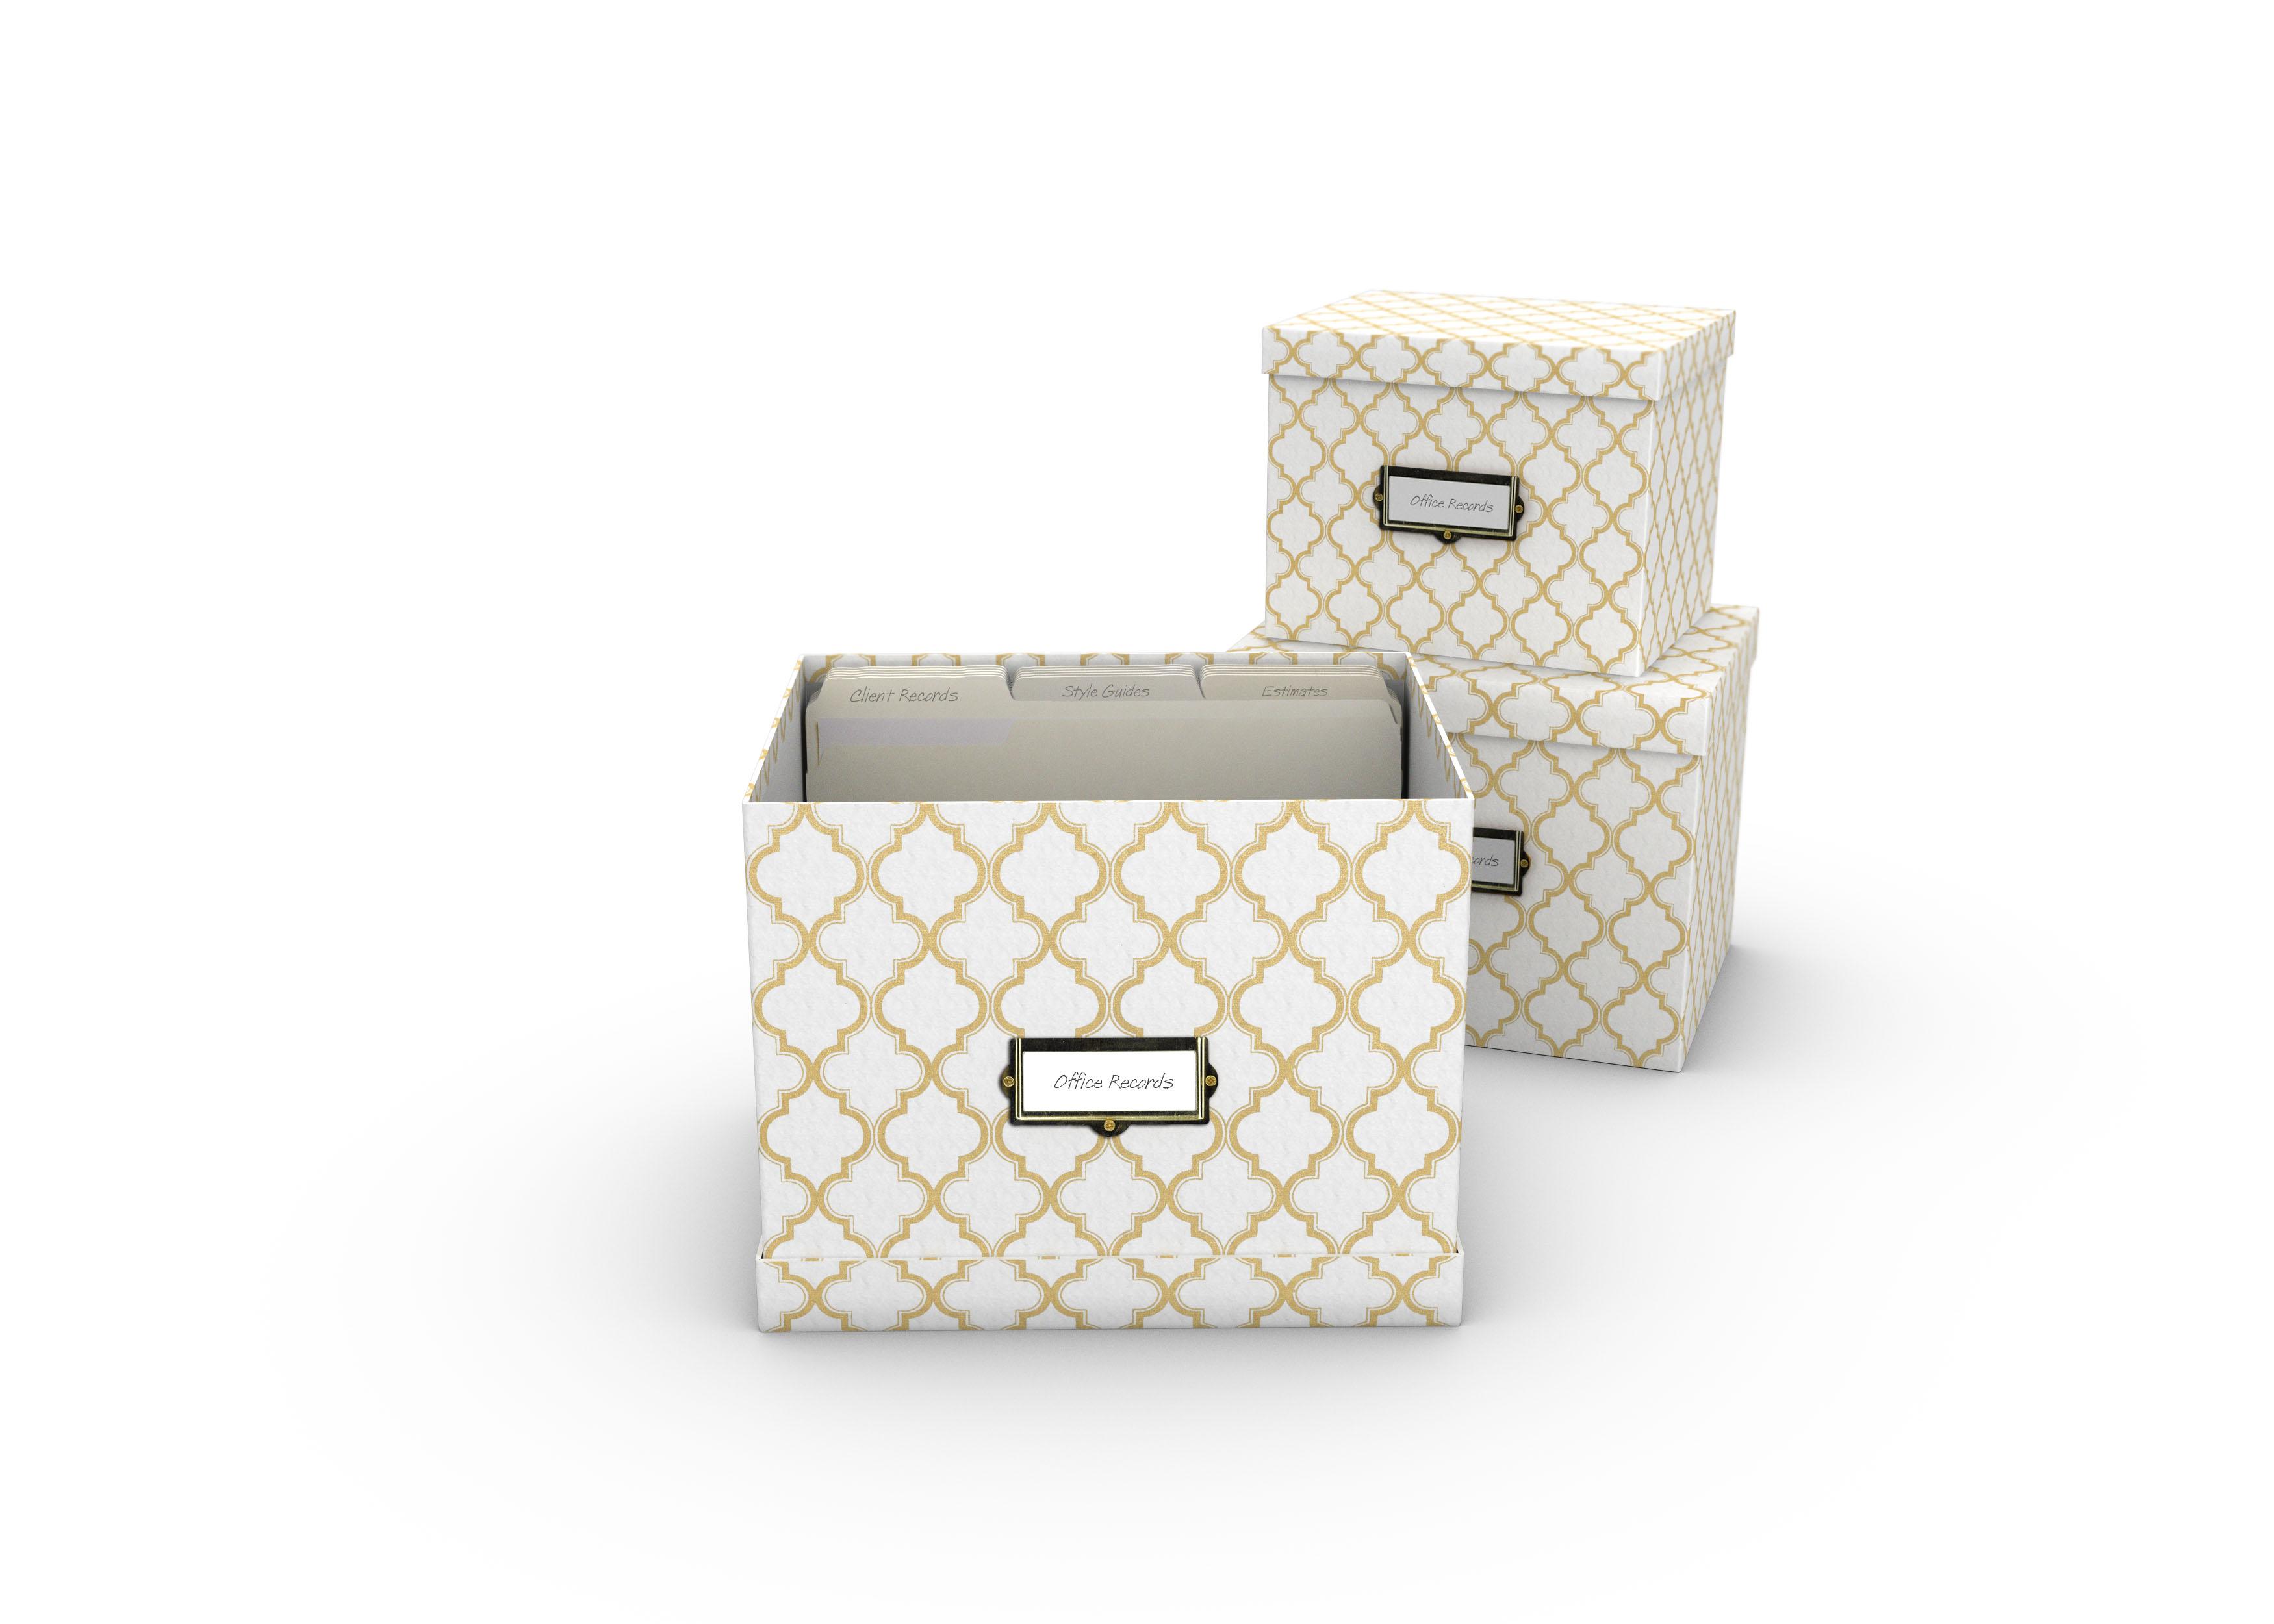 Wordspace - White Box 3 pc set